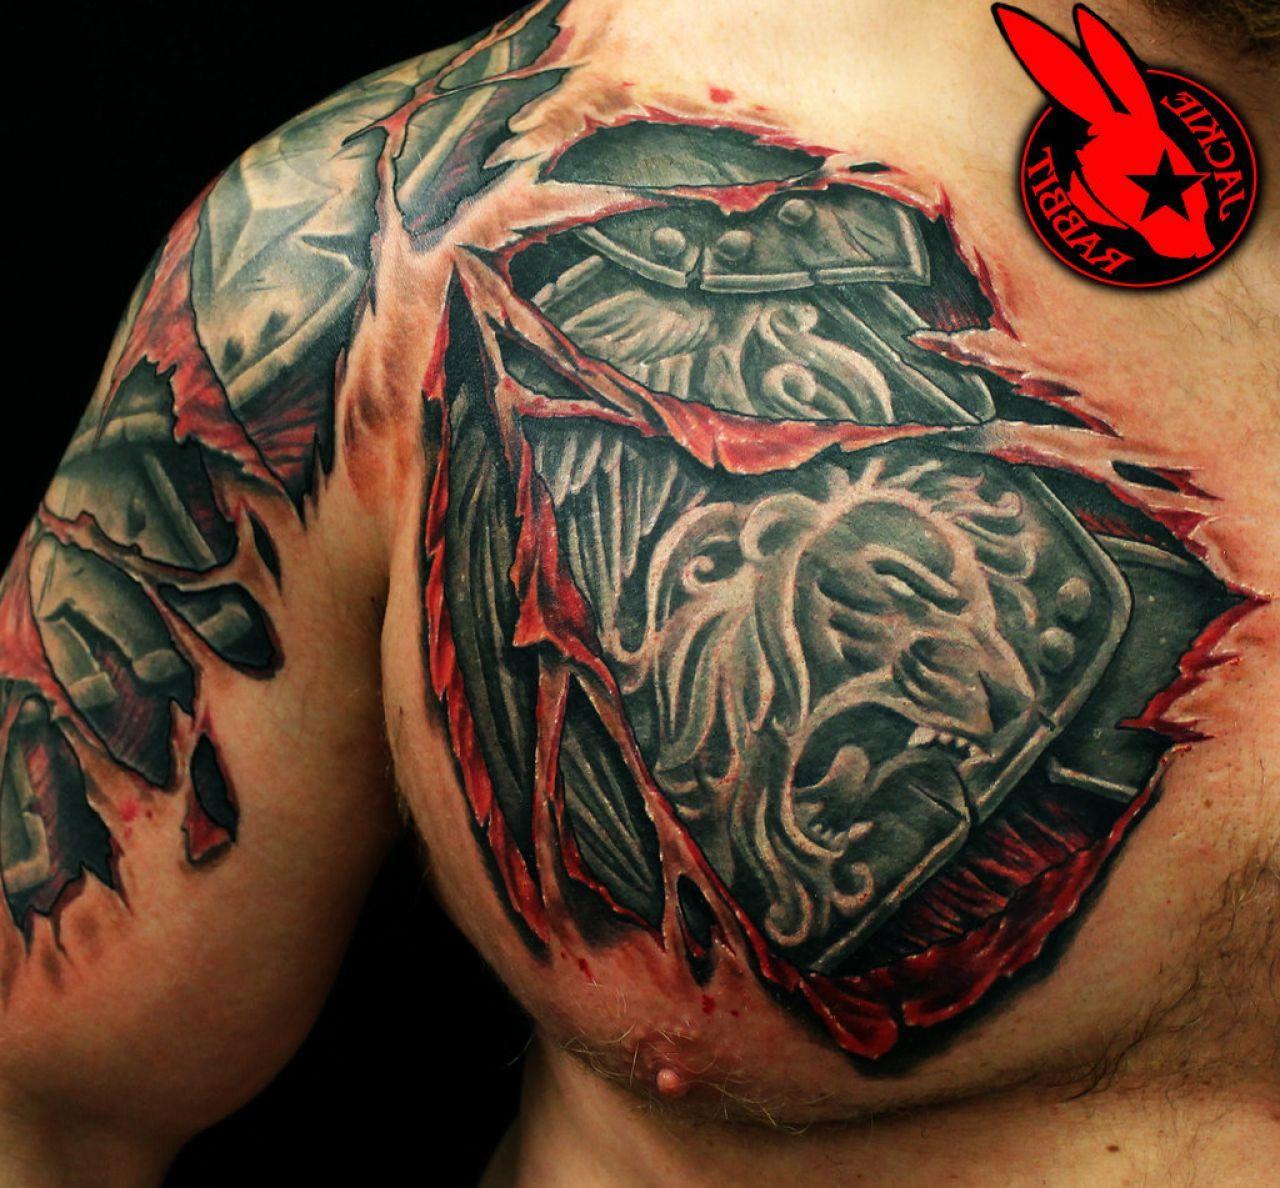 Tattoo For Men Shoulder: Mens Shoulder Armor - Google Search